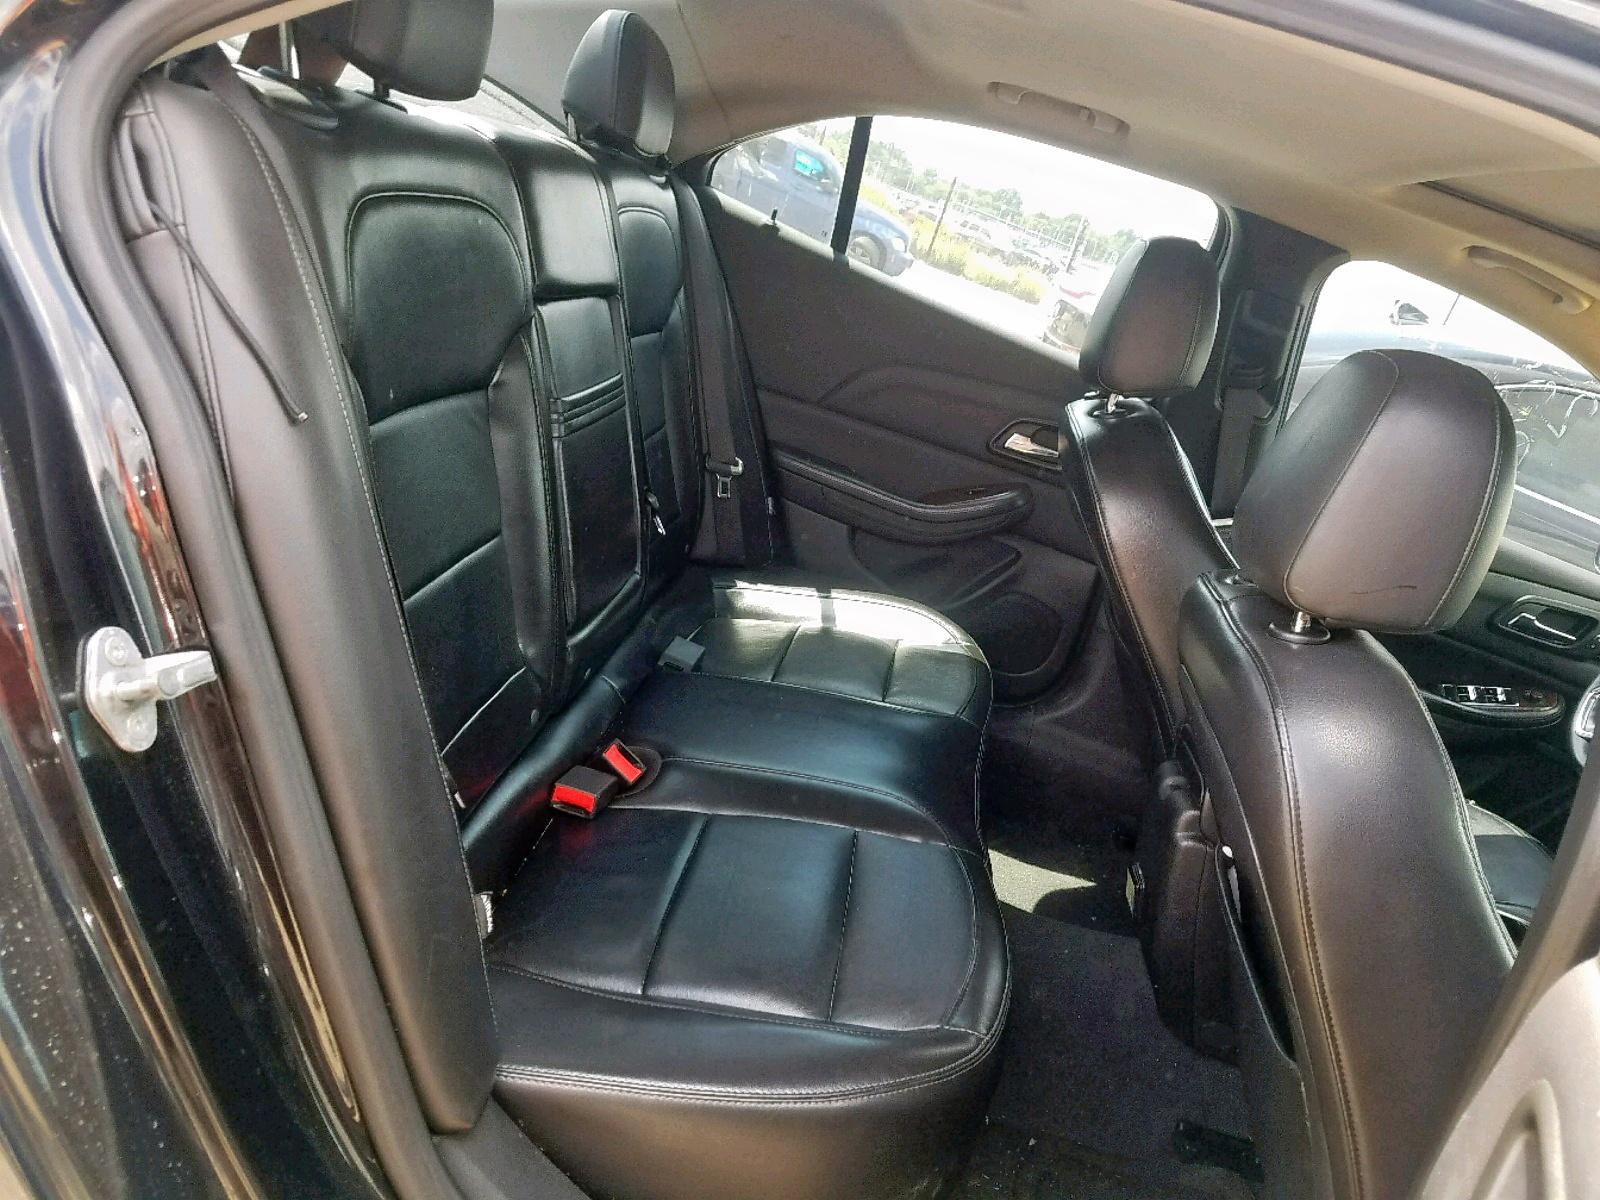 2013 Chevrolet Malibu Ltz 2.5L detail view